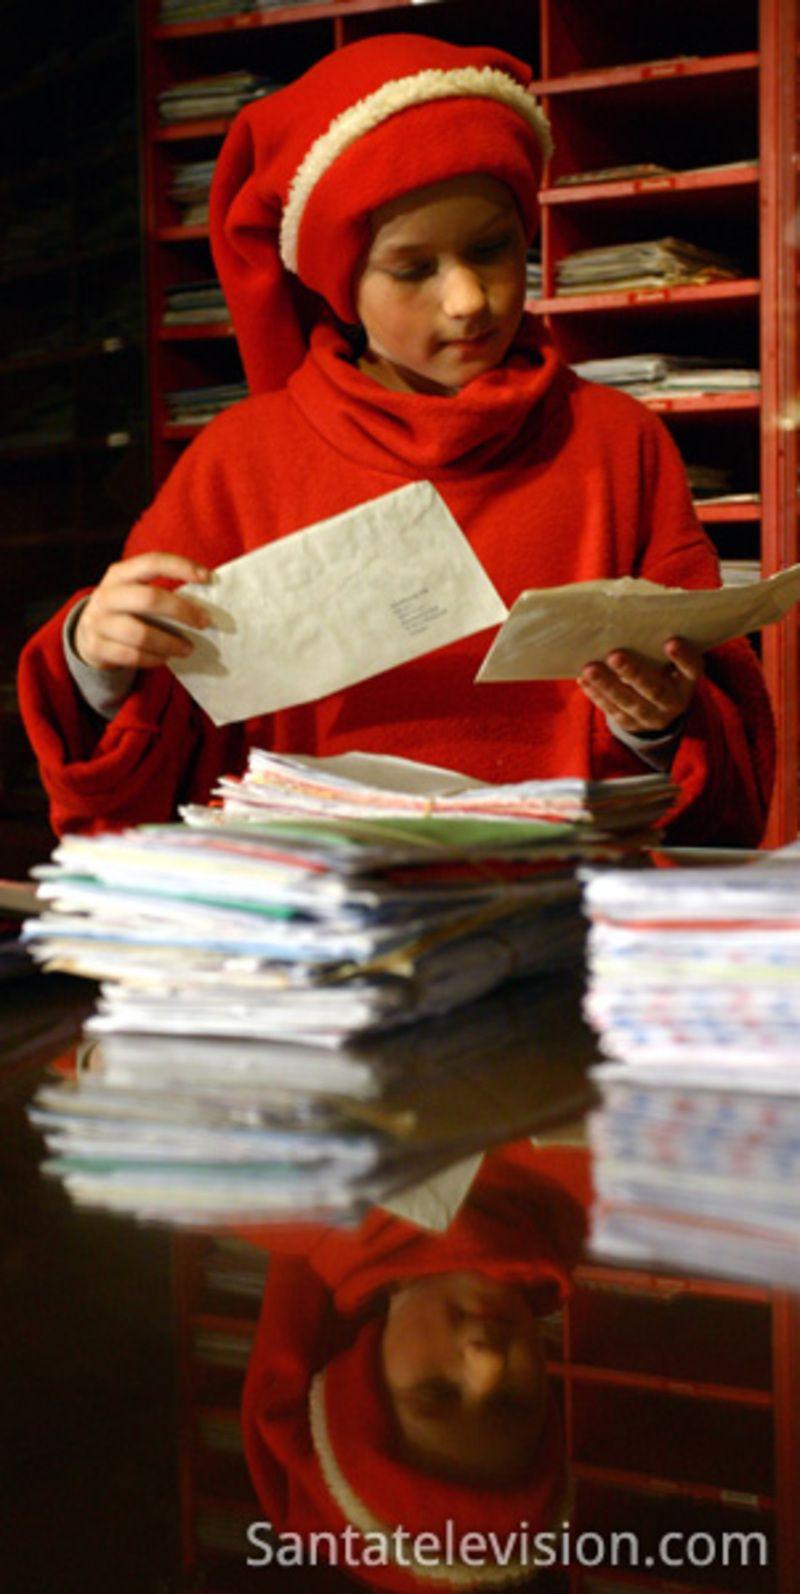 Ecrire Sa Lettre Au Père Noel Et Textes Souhaits Voeux dedans Ecrire Une Lettre Au Pere Noel 2020